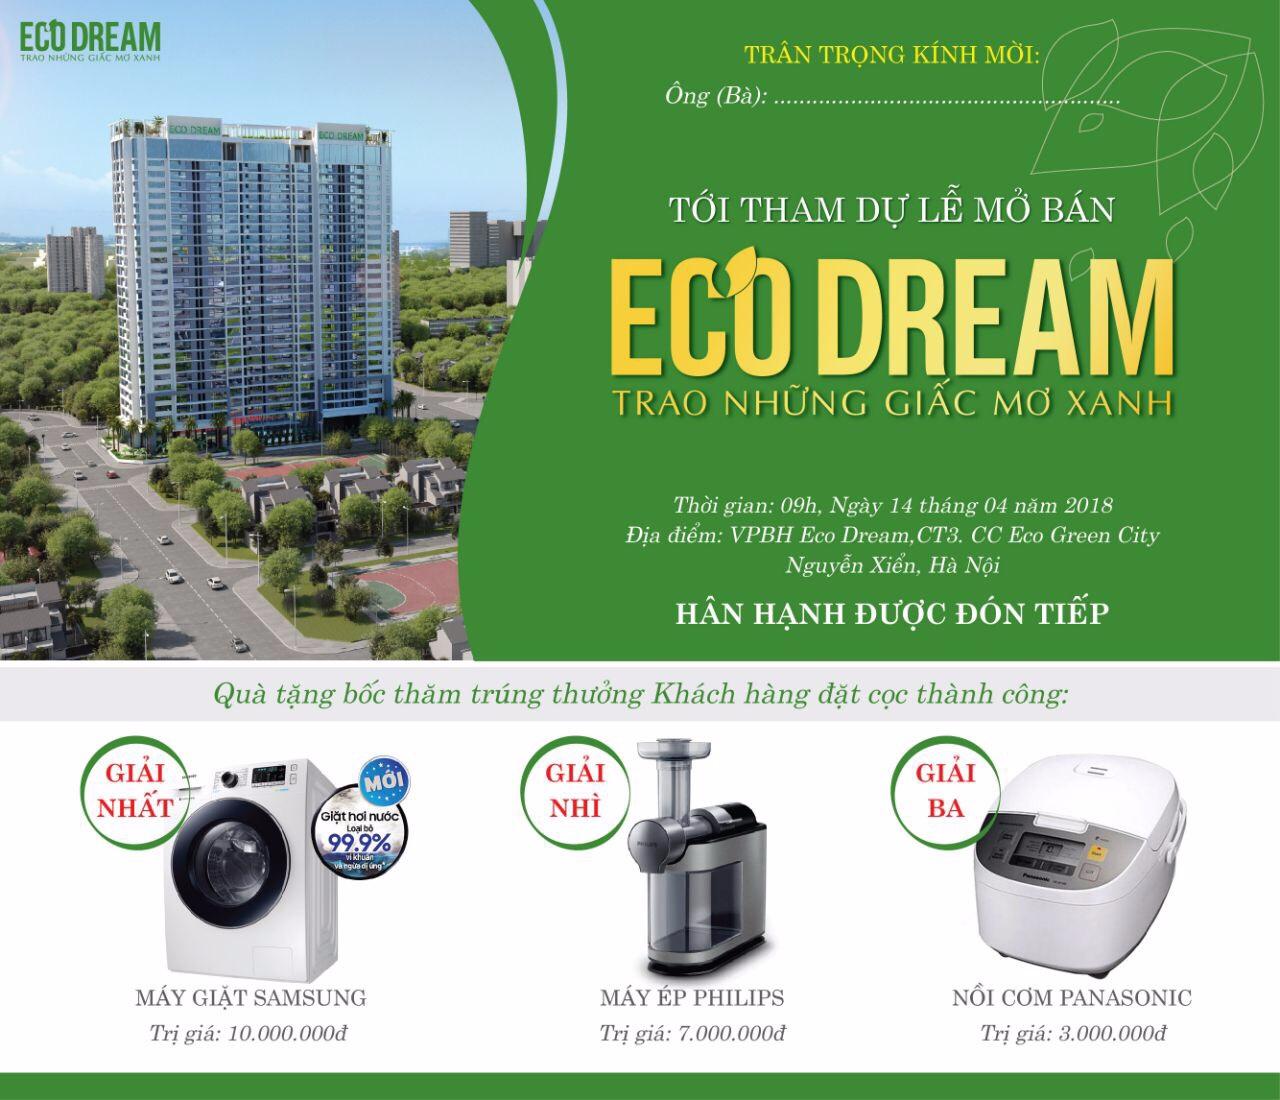 Thư mời tham dự chương trình mở bán Eco Dream